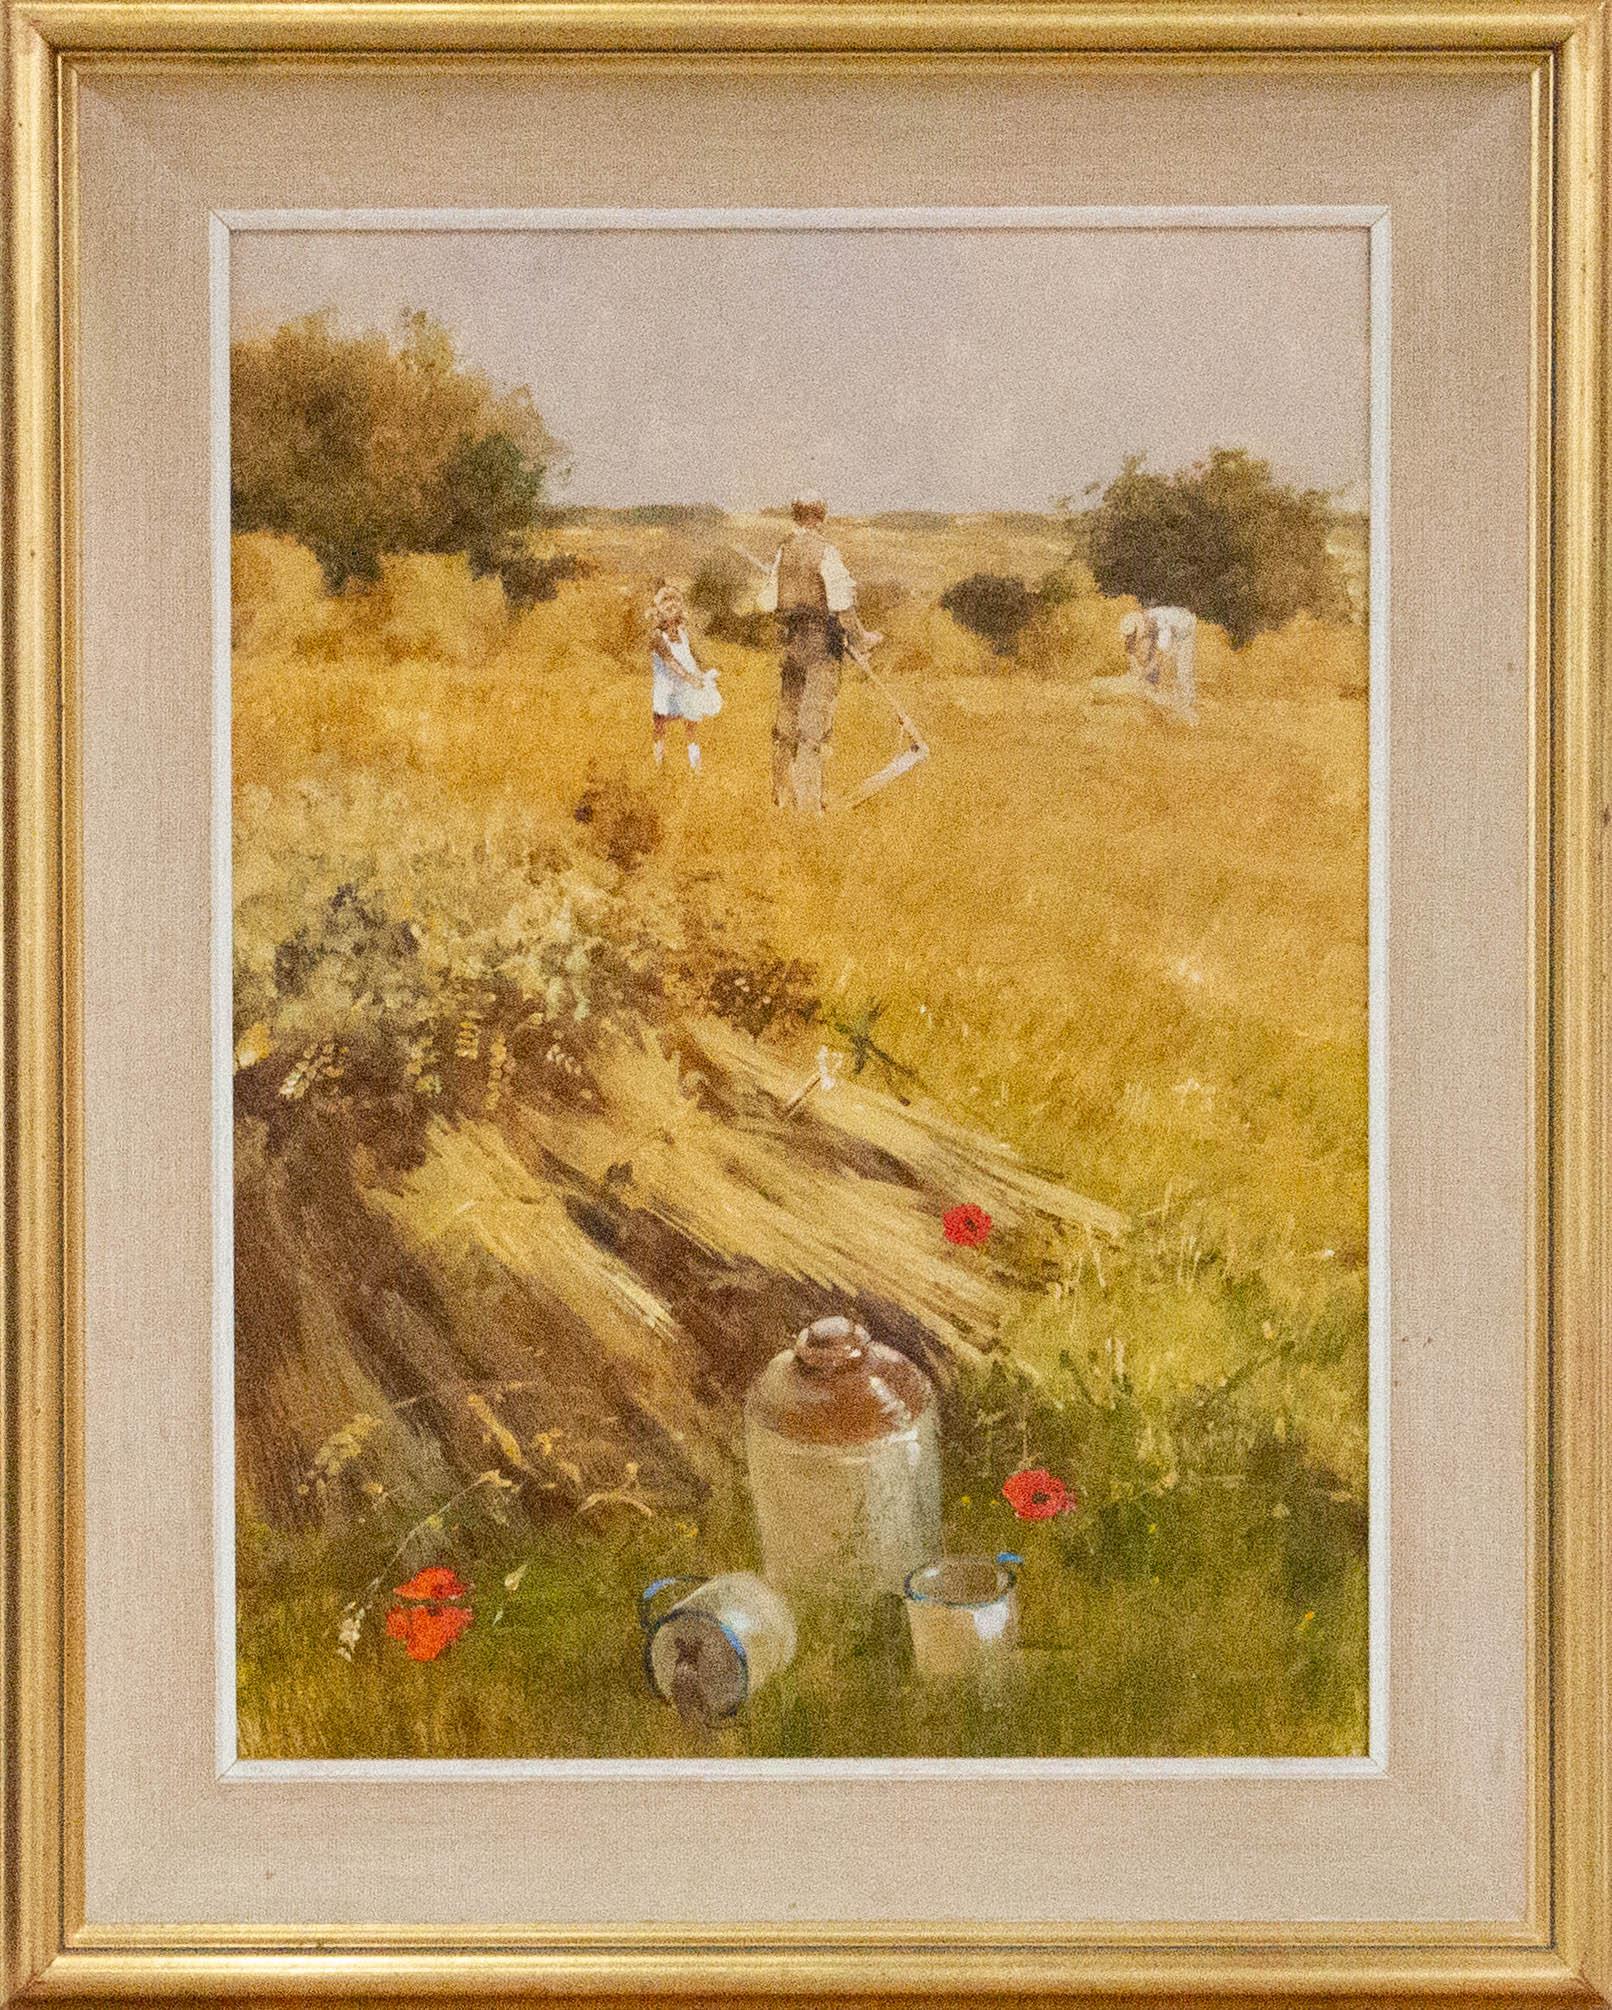 John Haskins (b.1938) - 20th Century Oil, The Lunch Break